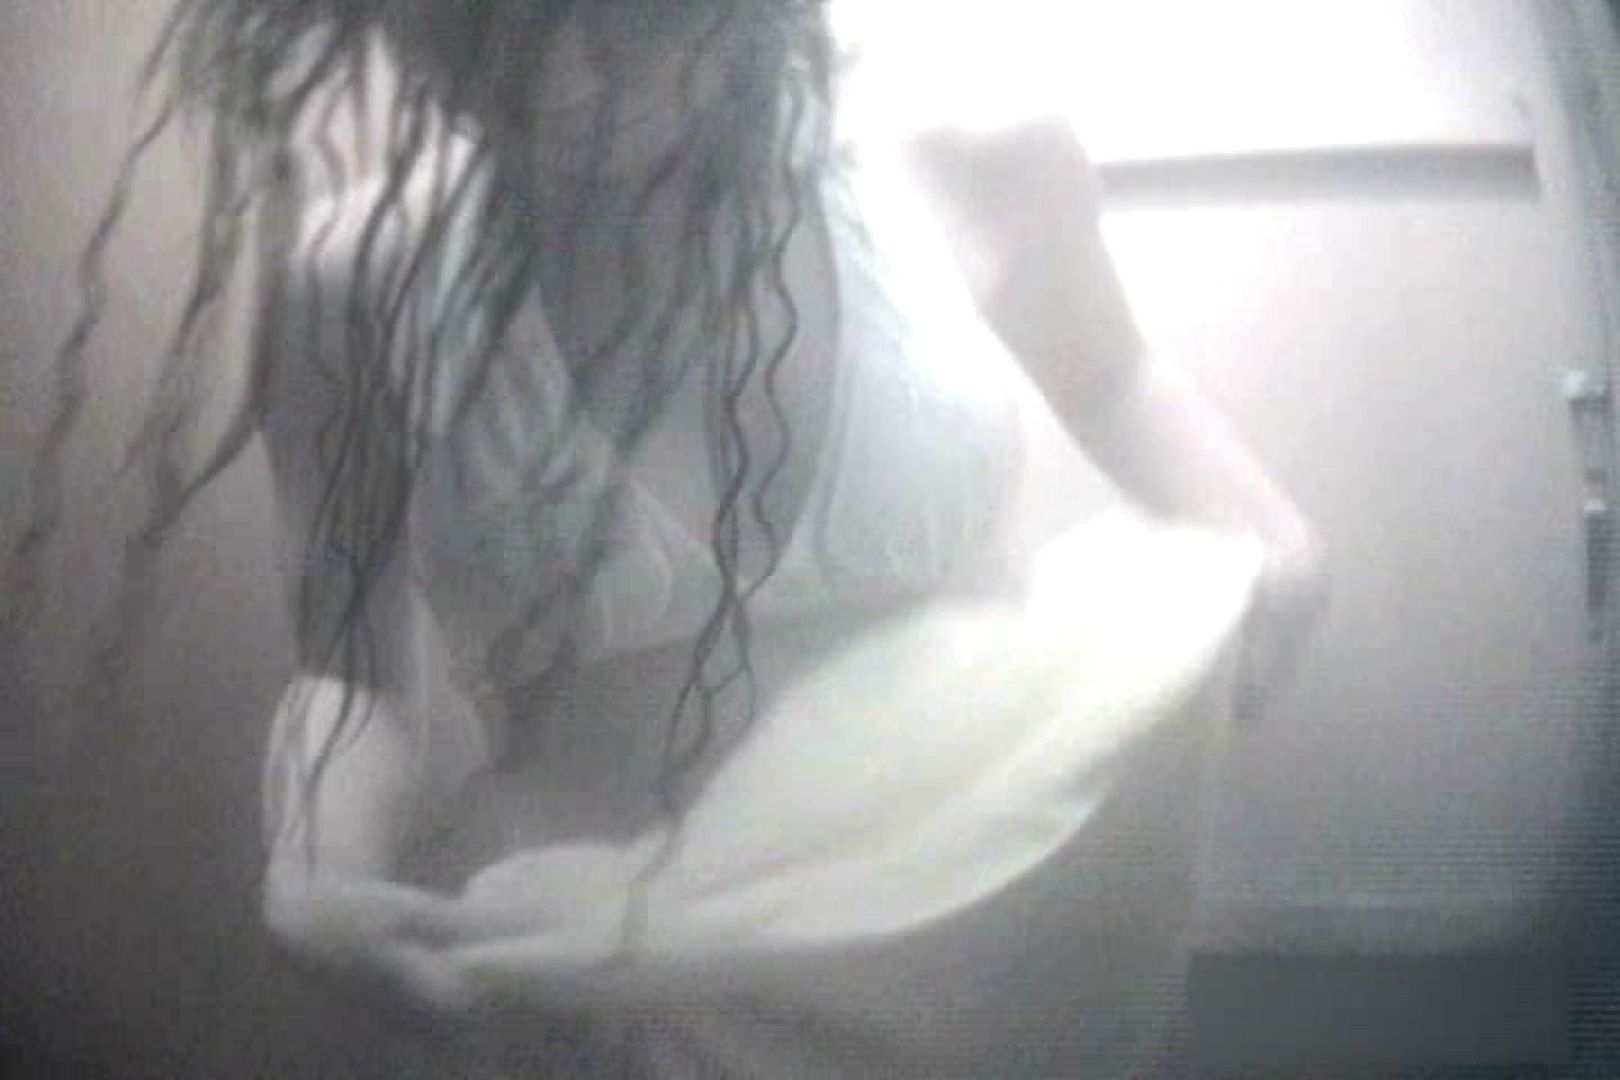 夏海シャワー室!ベトベトお肌をサラサラに!VOL.09 美女すけべ画像 戯れ無修正画像 41連発 3